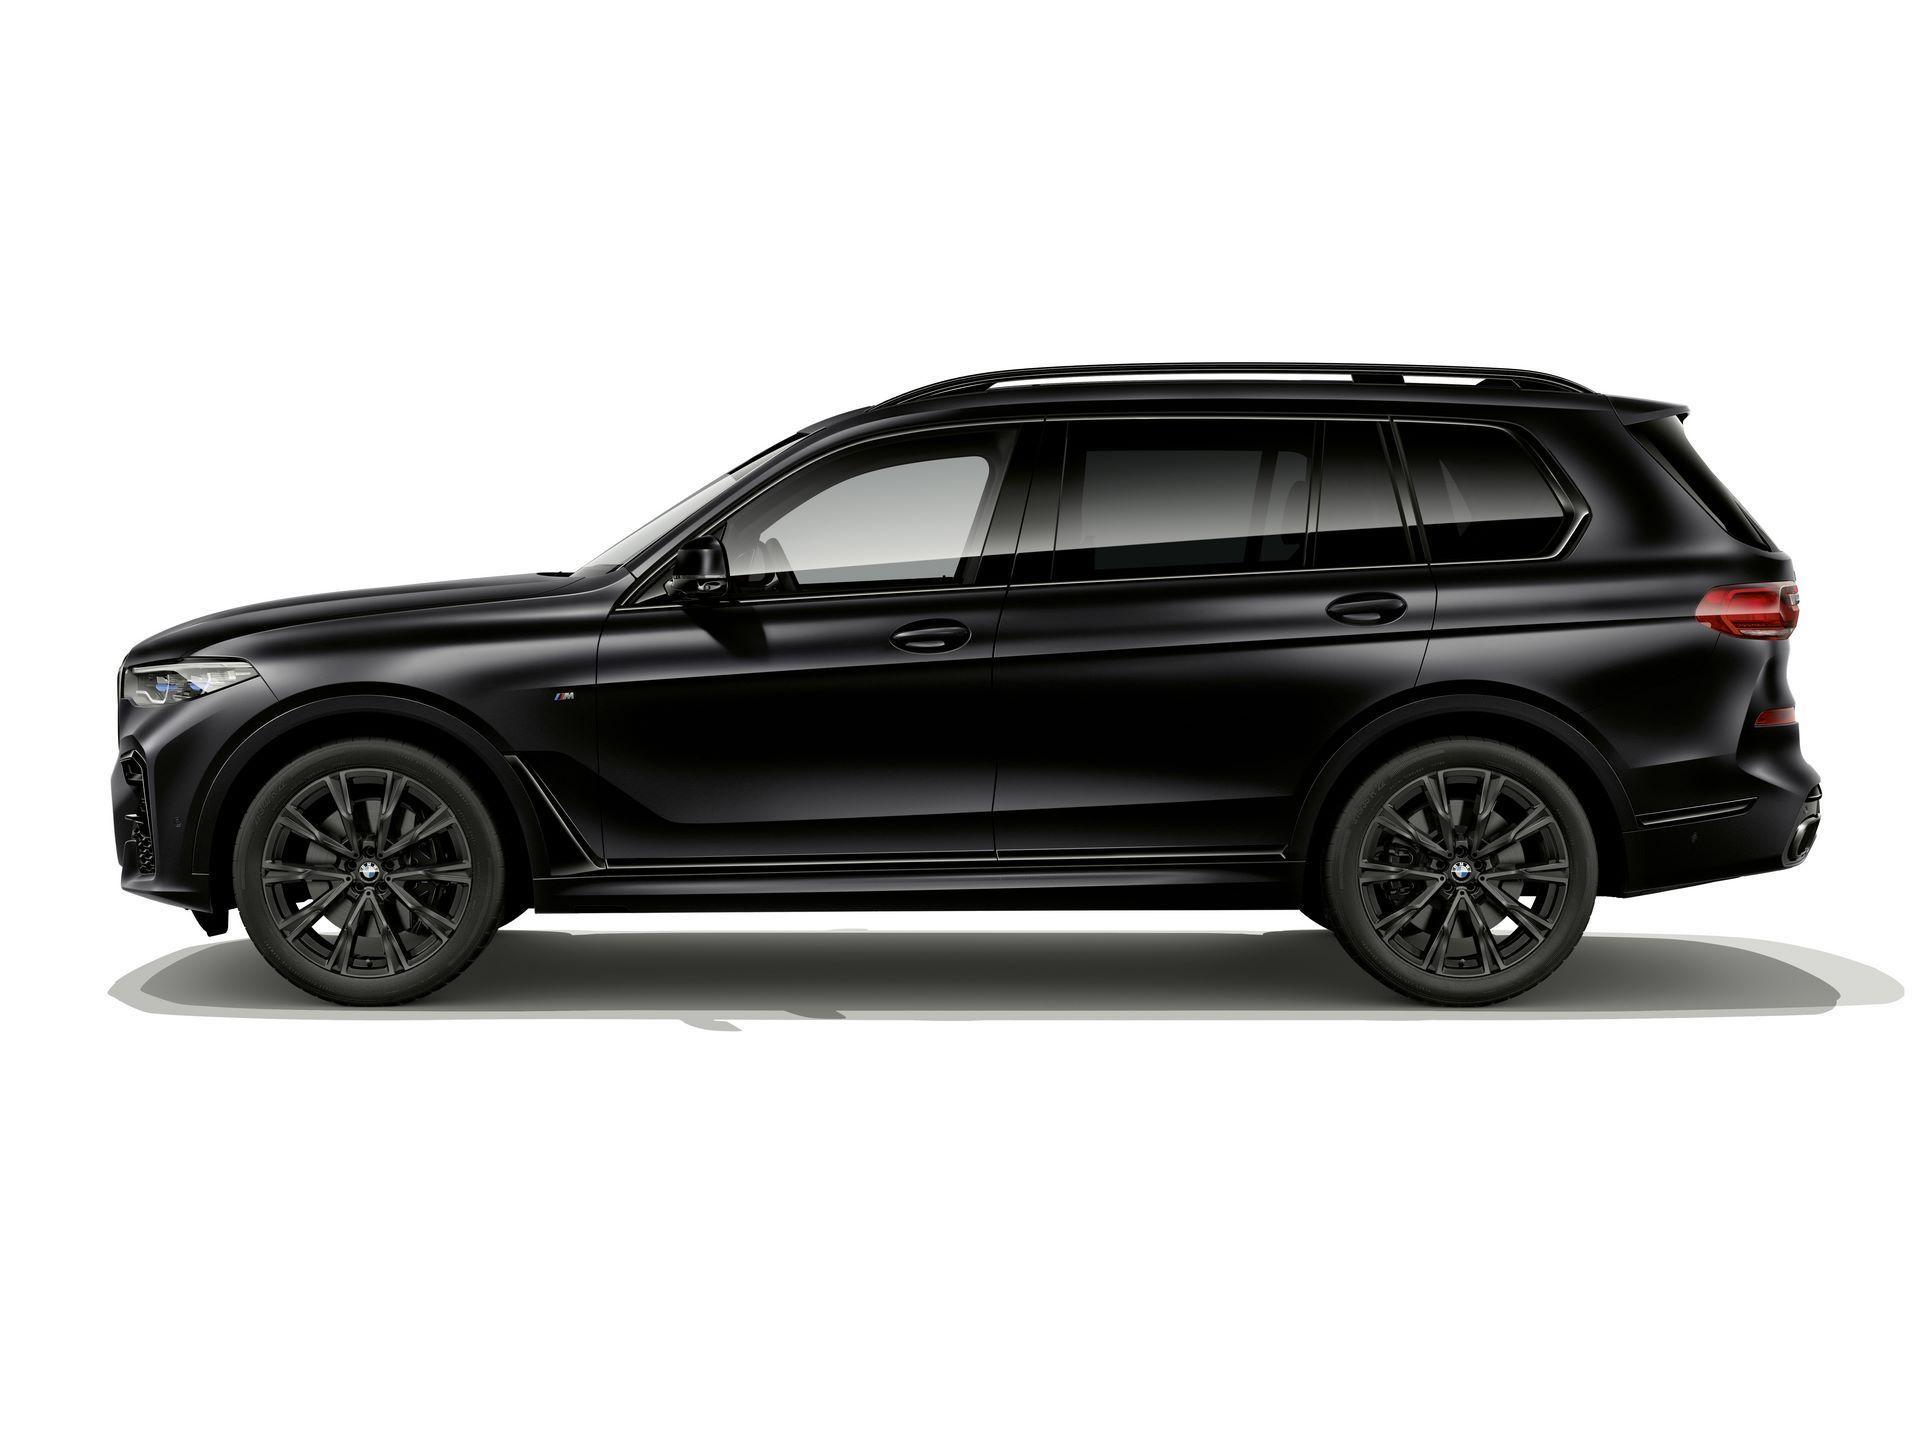 BMW-X5-Χ6-Black-Vermilion-X7-Limited-Edition-48